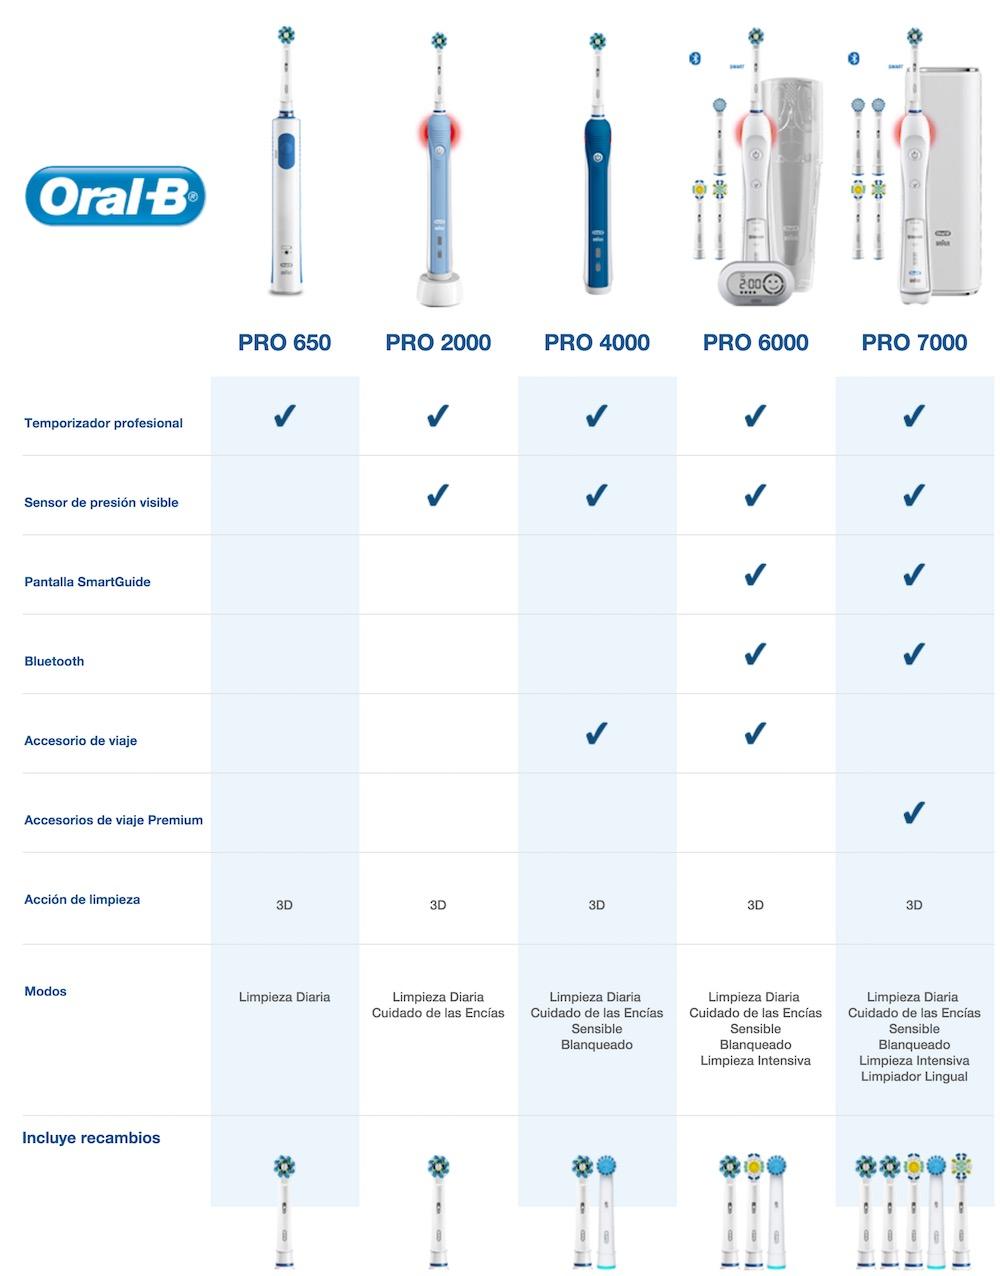 Diferencias entre modelos Oral-B Pro